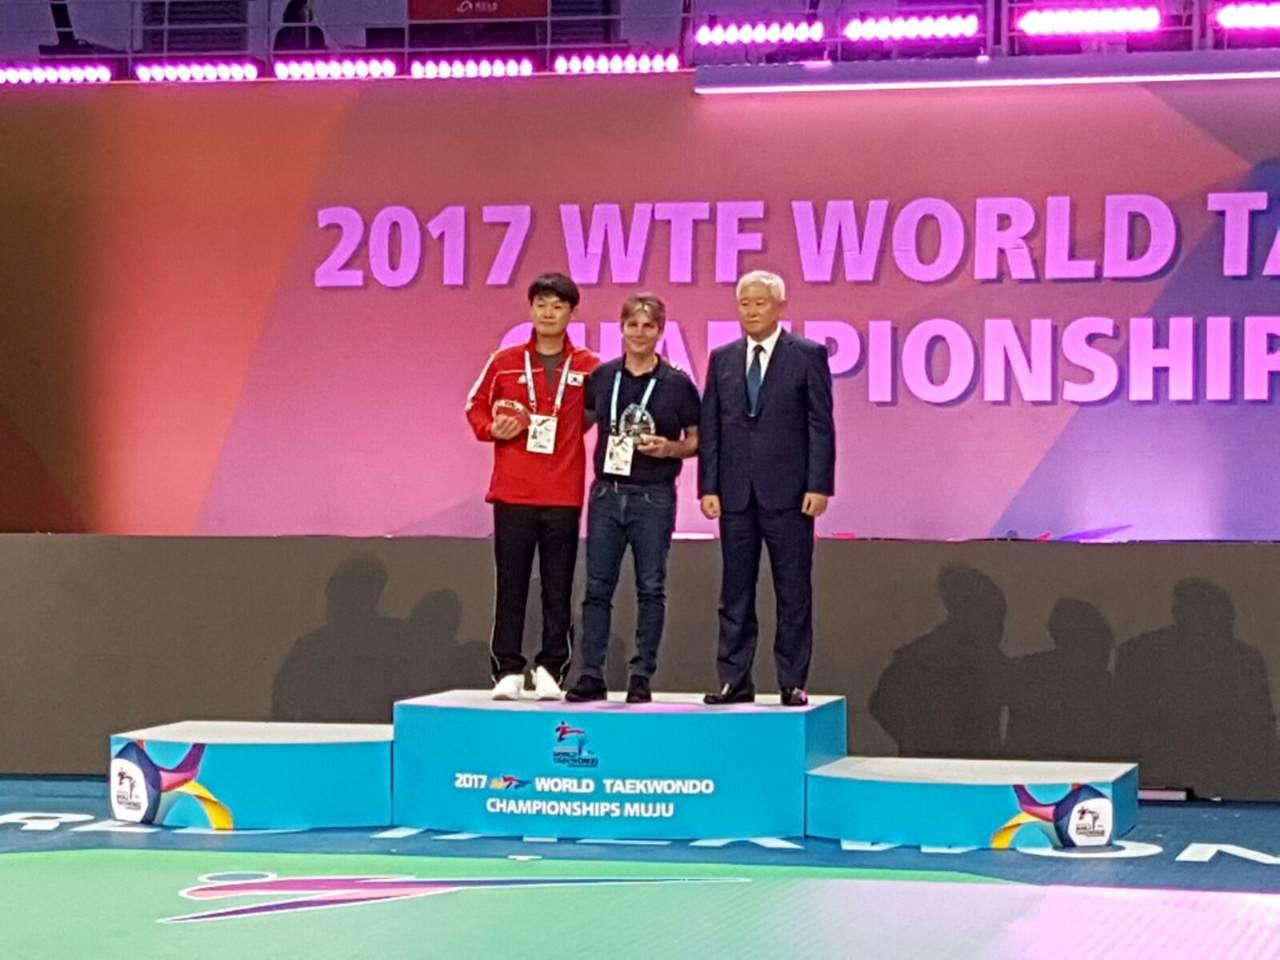 Svetsko seniorsko prvenstvo 2017